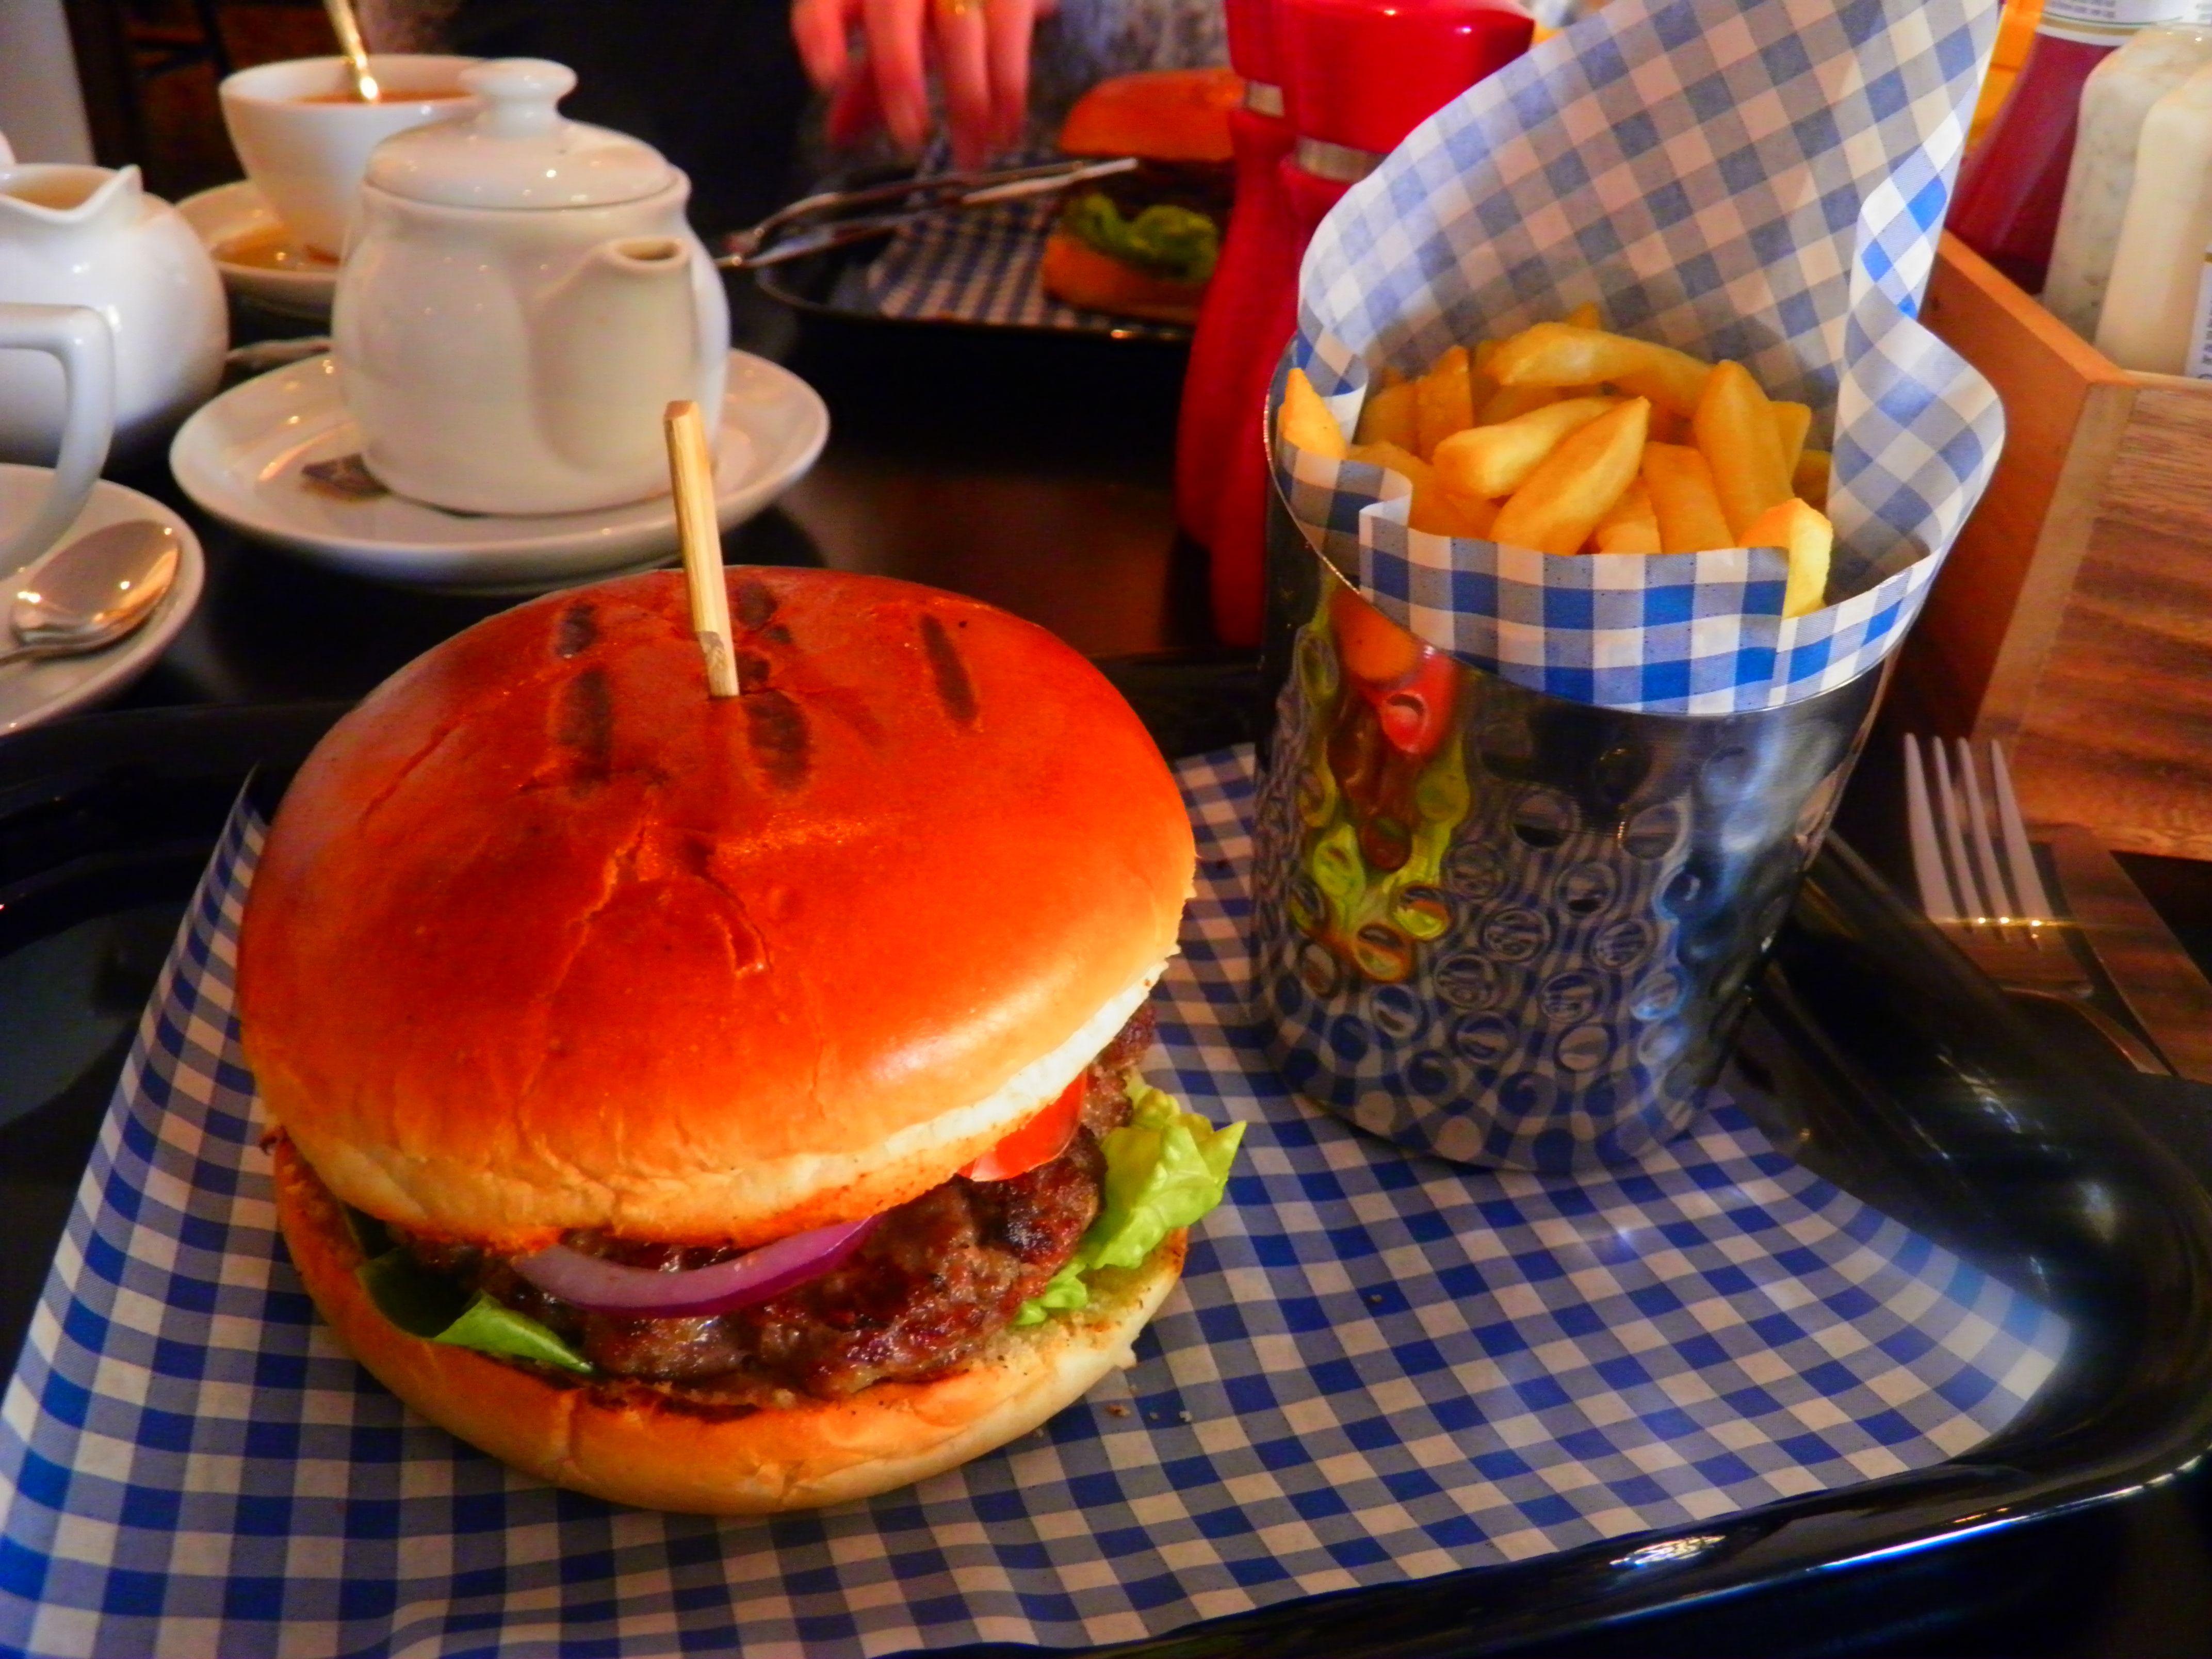 1f73ac2db7b30a91a2eabb278bad9fc6 - Restaurants In Blackpool Near Winter Gardens